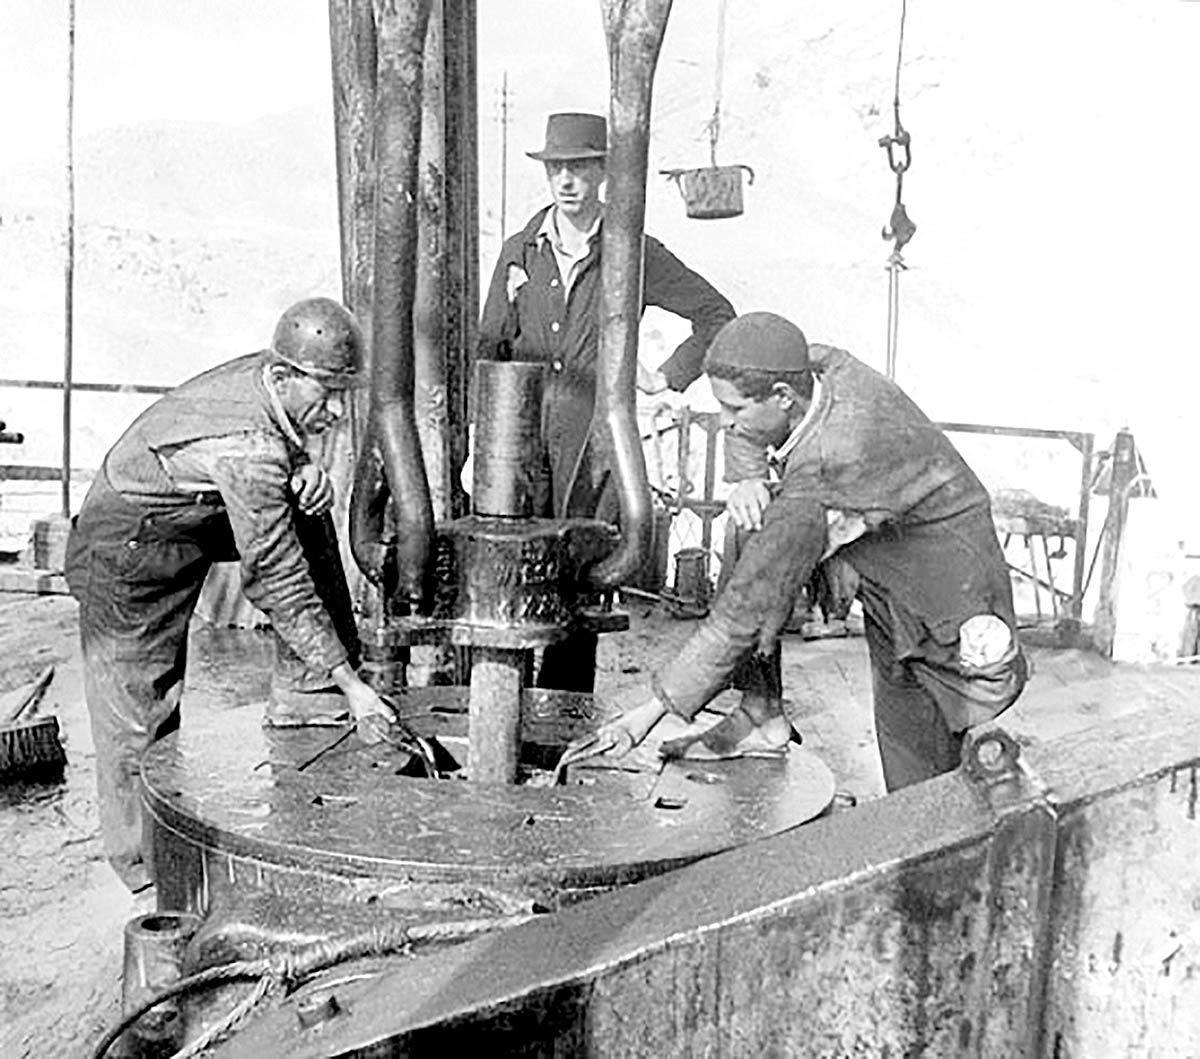 شکل گیری «کارگران صنعتی» و نقش آنها